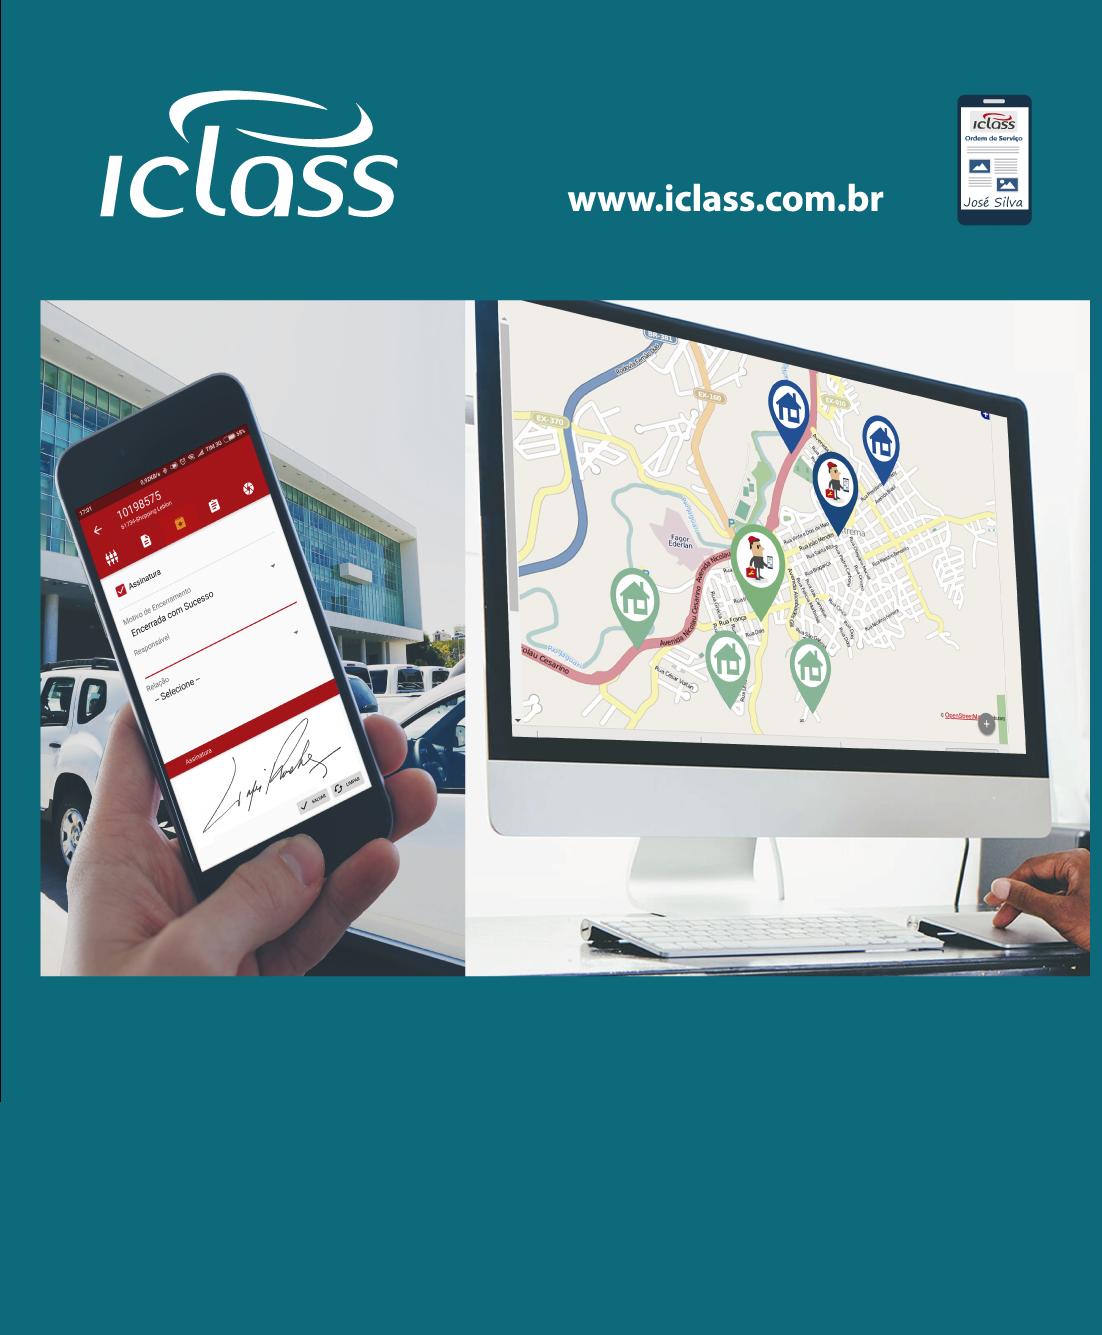 abrint 2018 Iclass software de ordem de servico online 01 Eventos